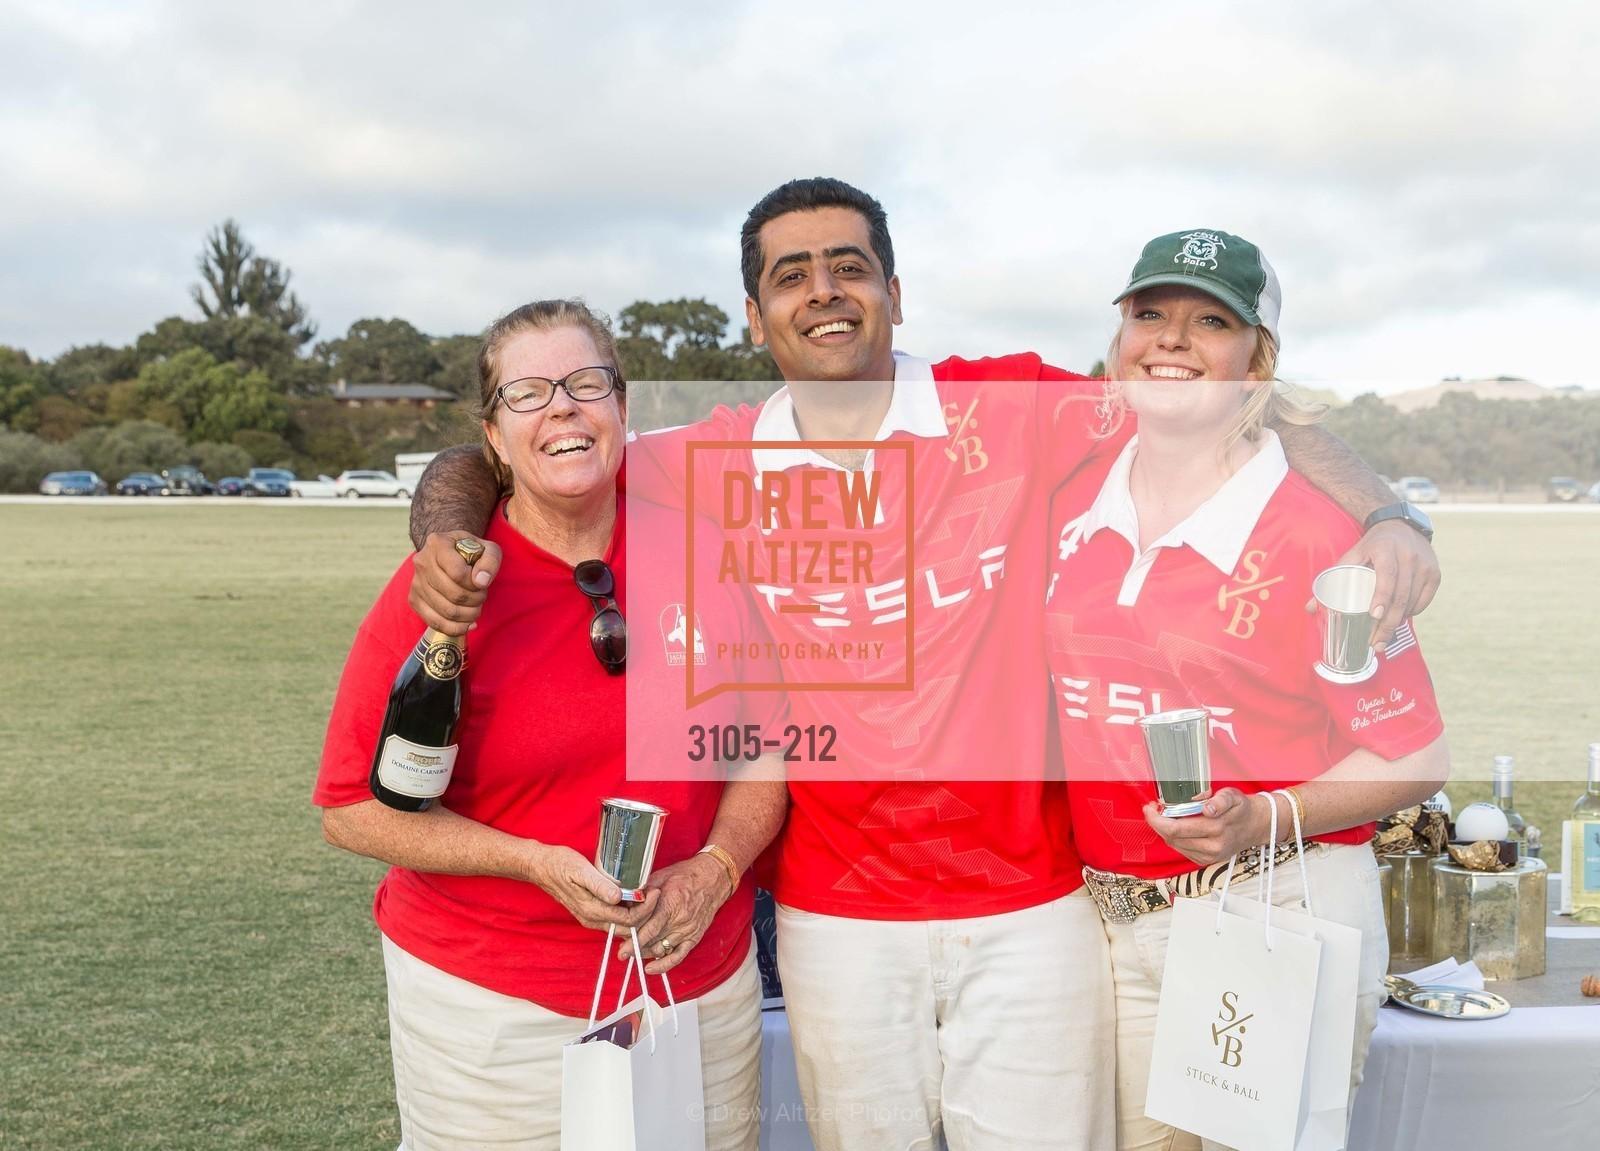 Bonnie Magill, Hassan Khan, Raeann Magill, Photo #3105-212